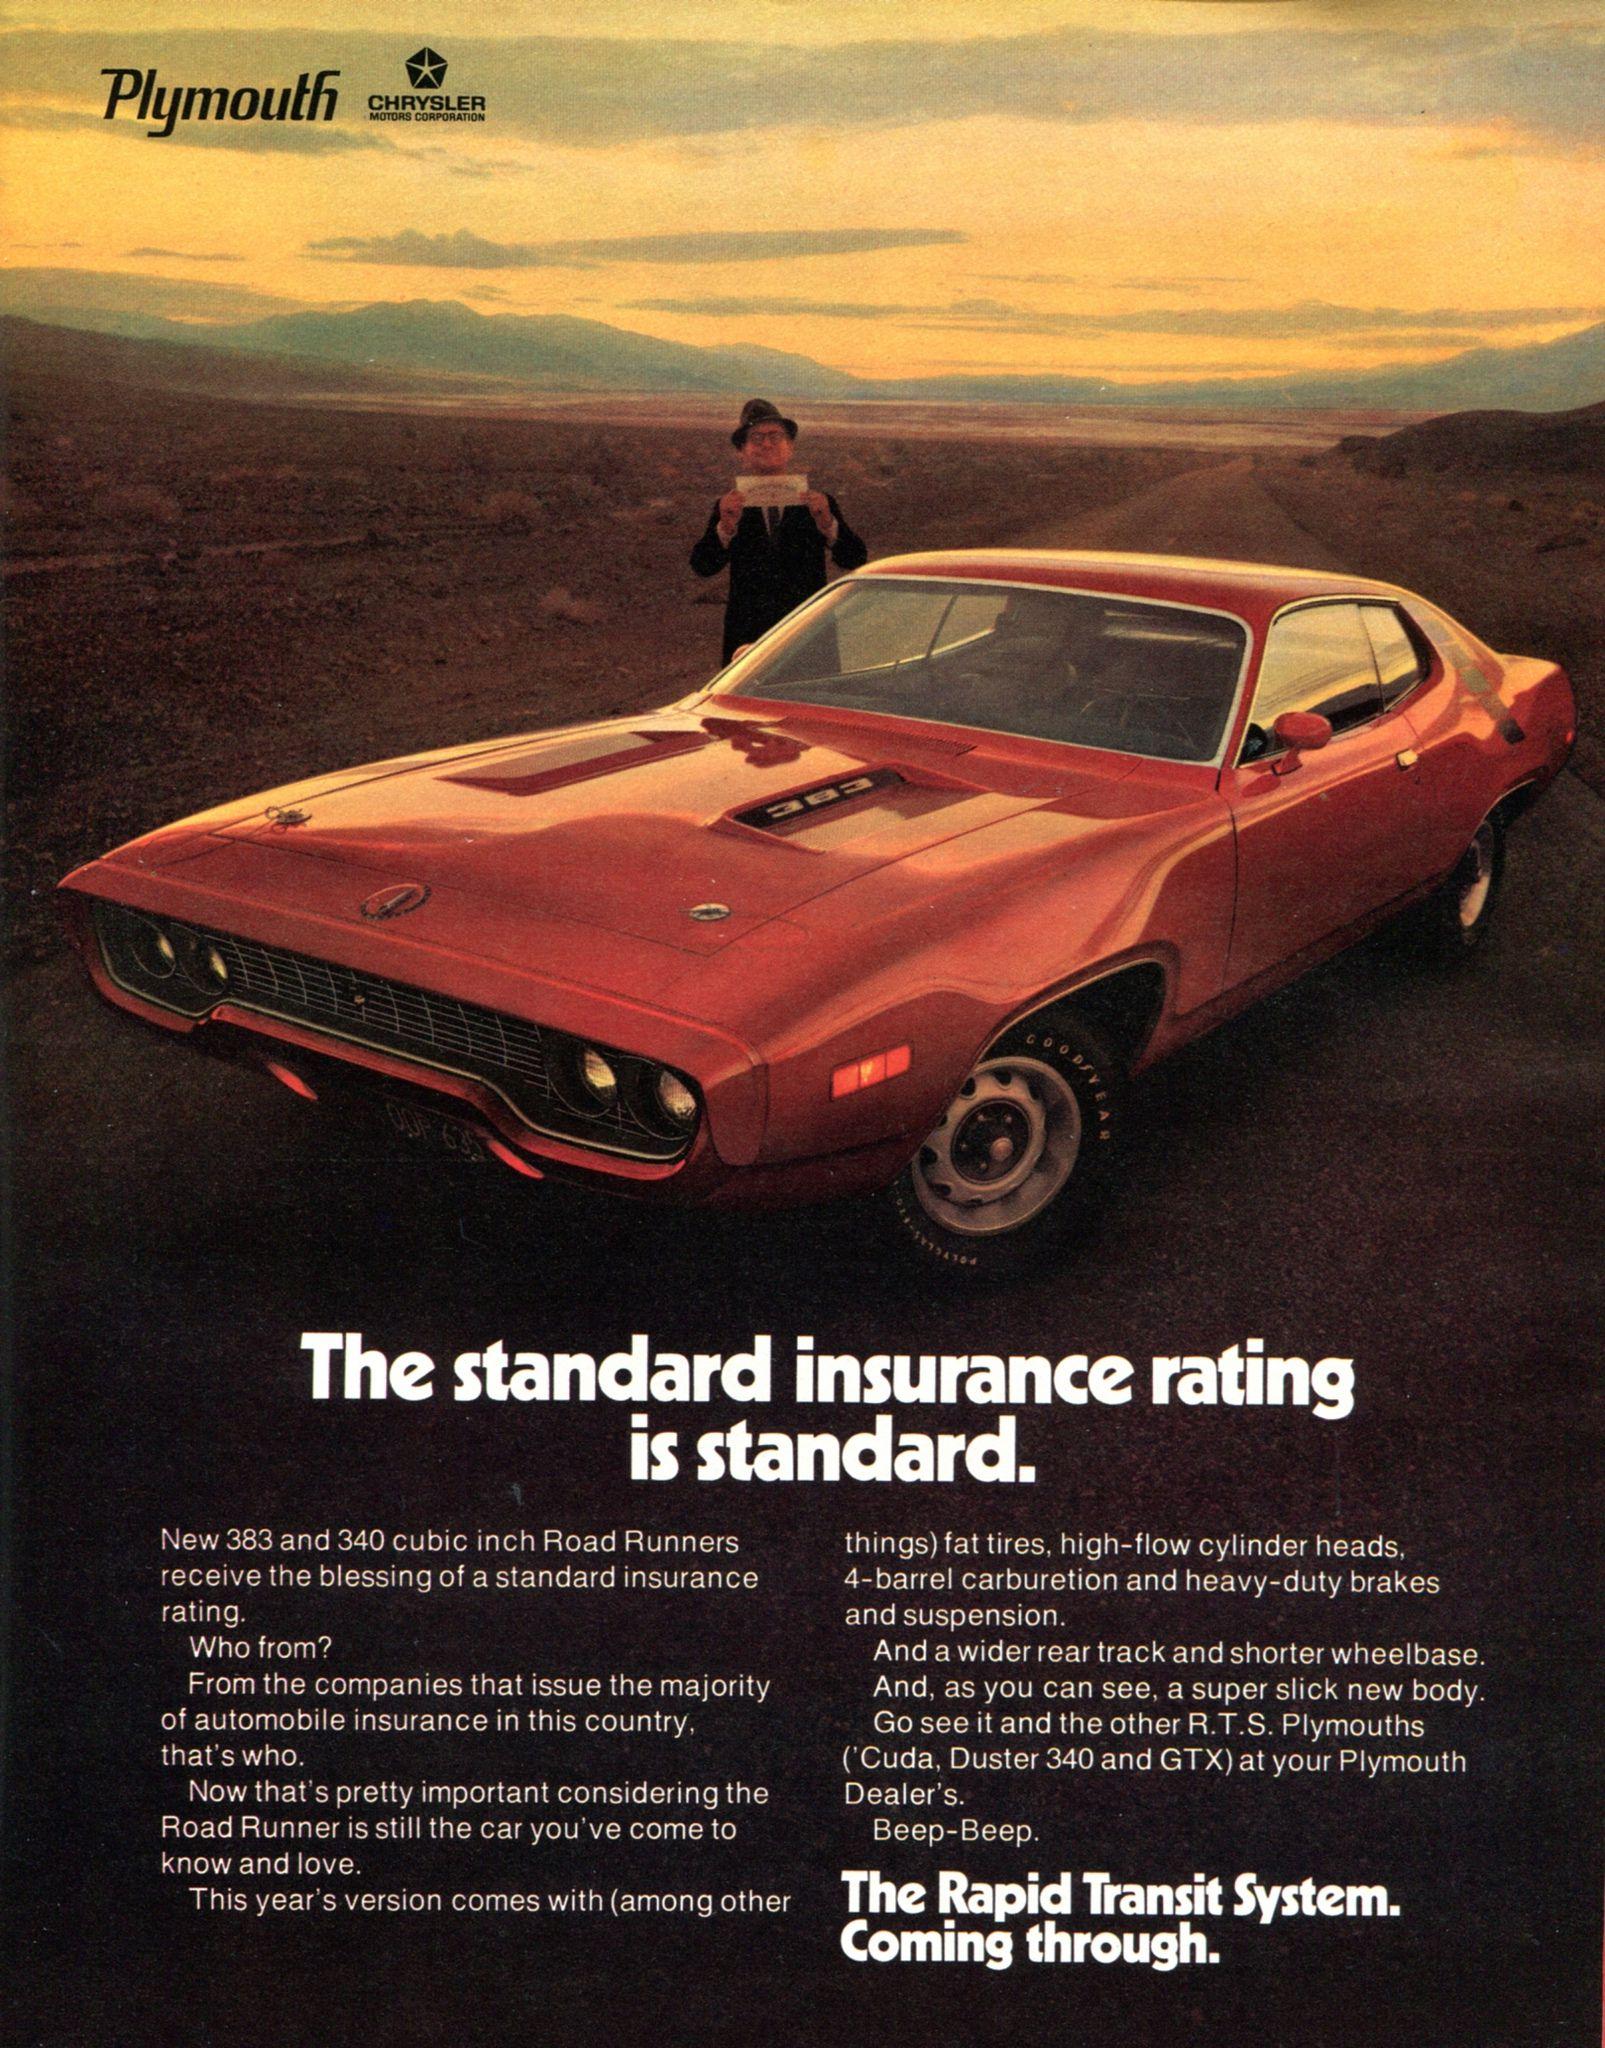 1971 Chrysler Plymouth Road Runner Advertising Hot Rod Magazine